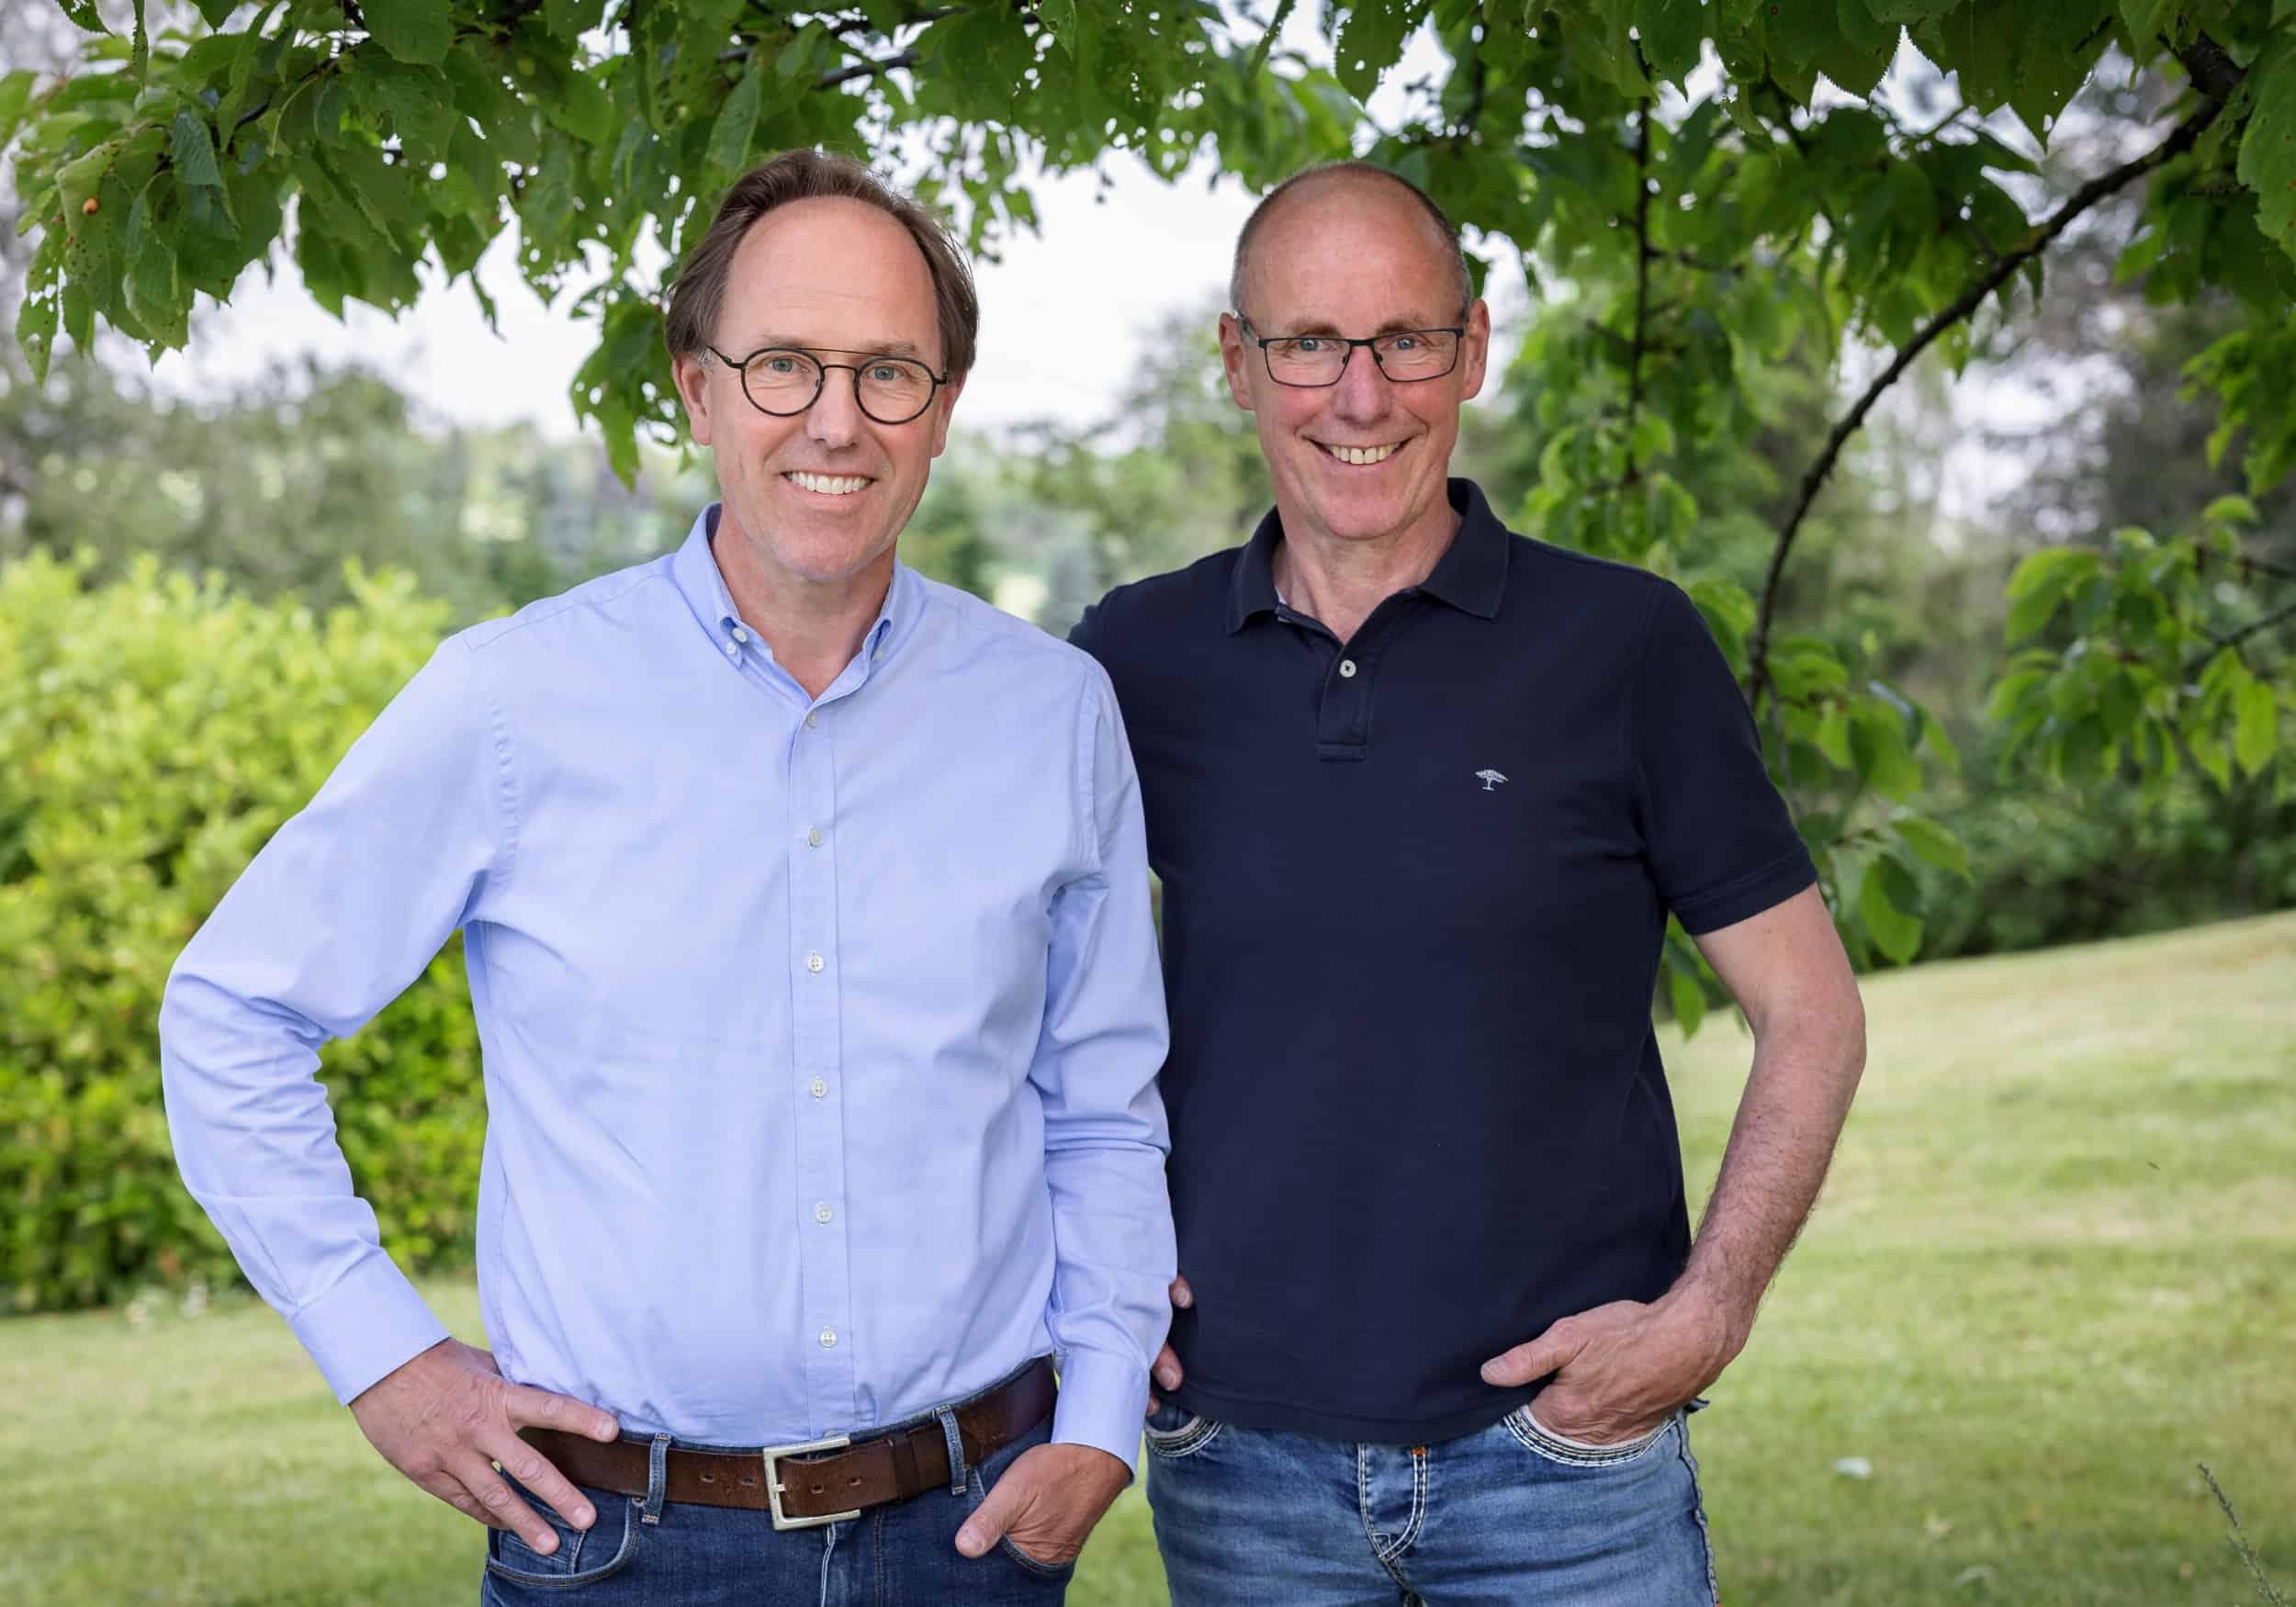 Zwei Männer stehen auf einer Wiese nebeneinander und lächeln in die Kamera